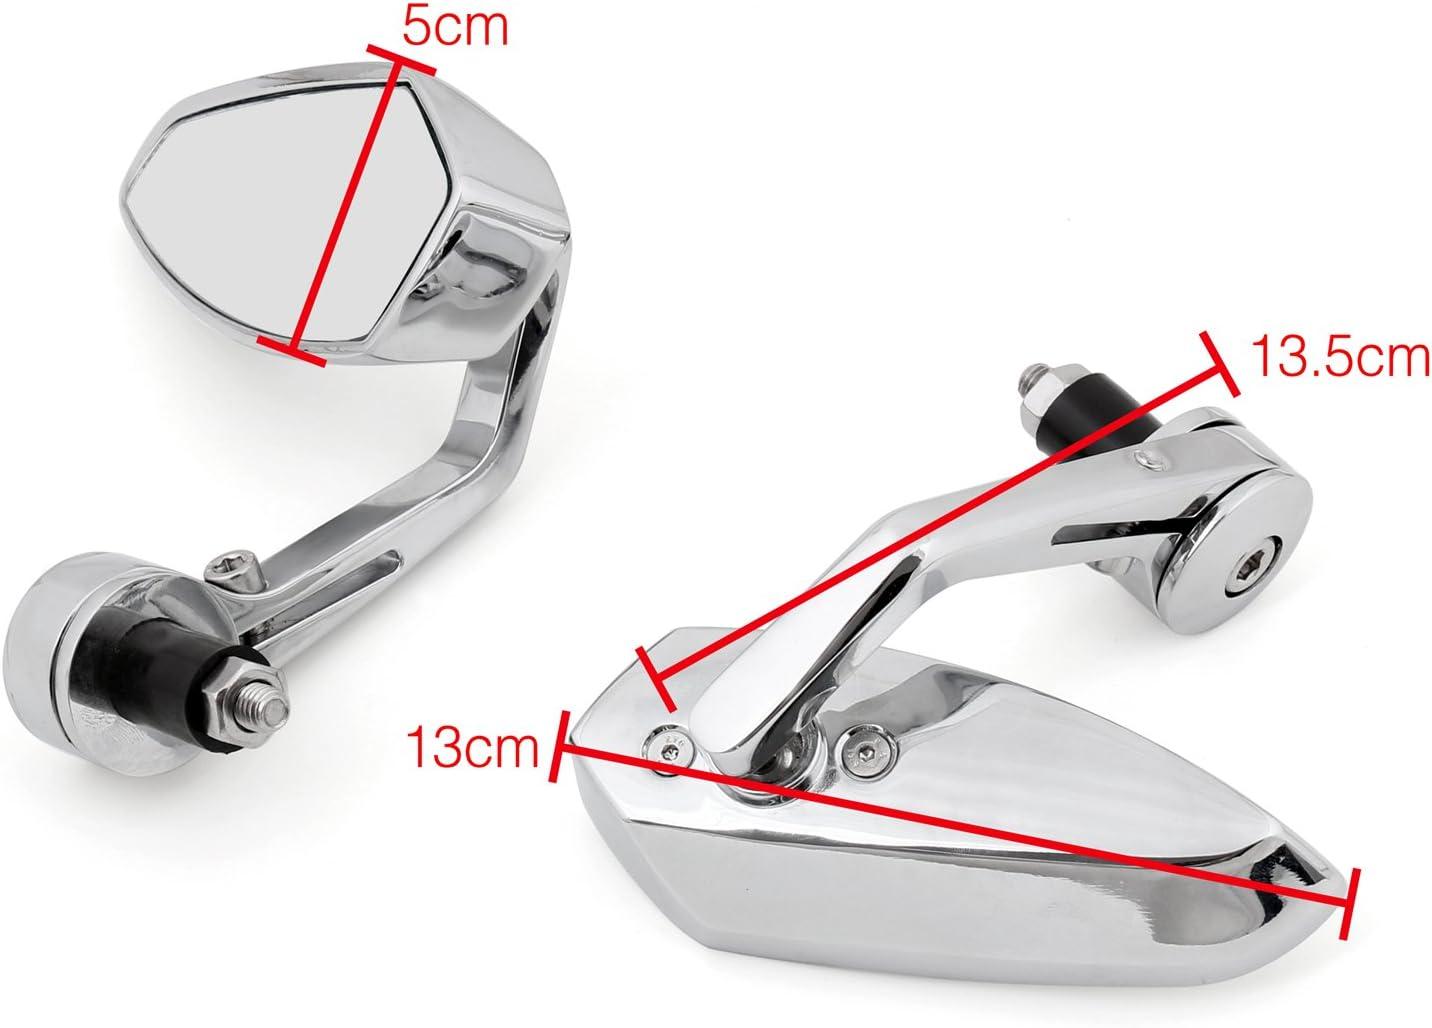 Areyourshop R/étroviseur universel pour guidon de moto 22 mm